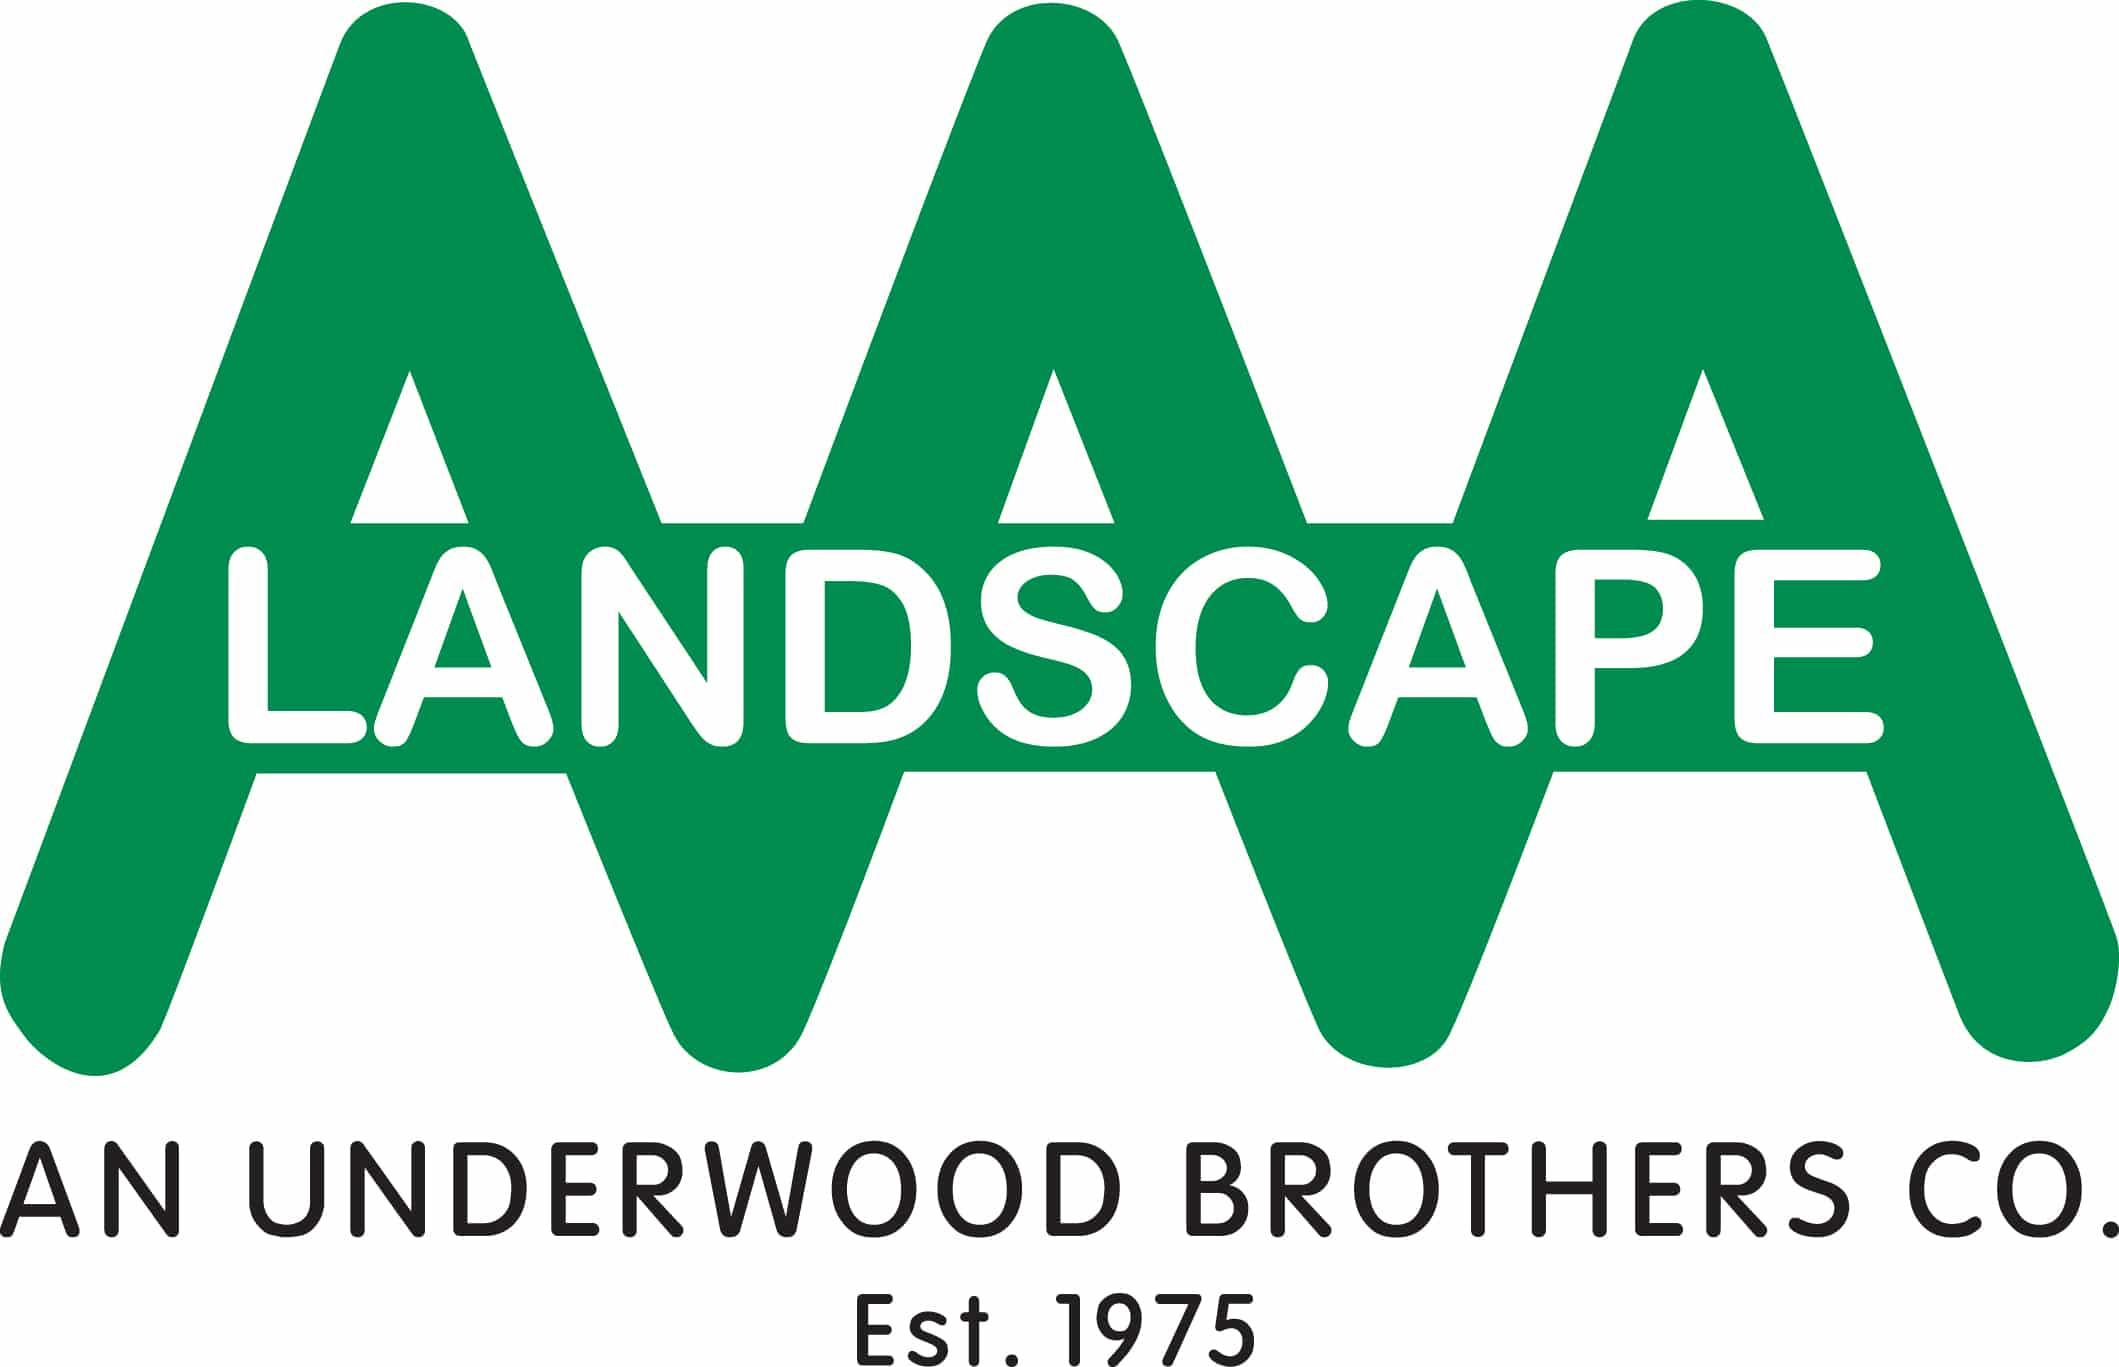 aaa landscape logo update